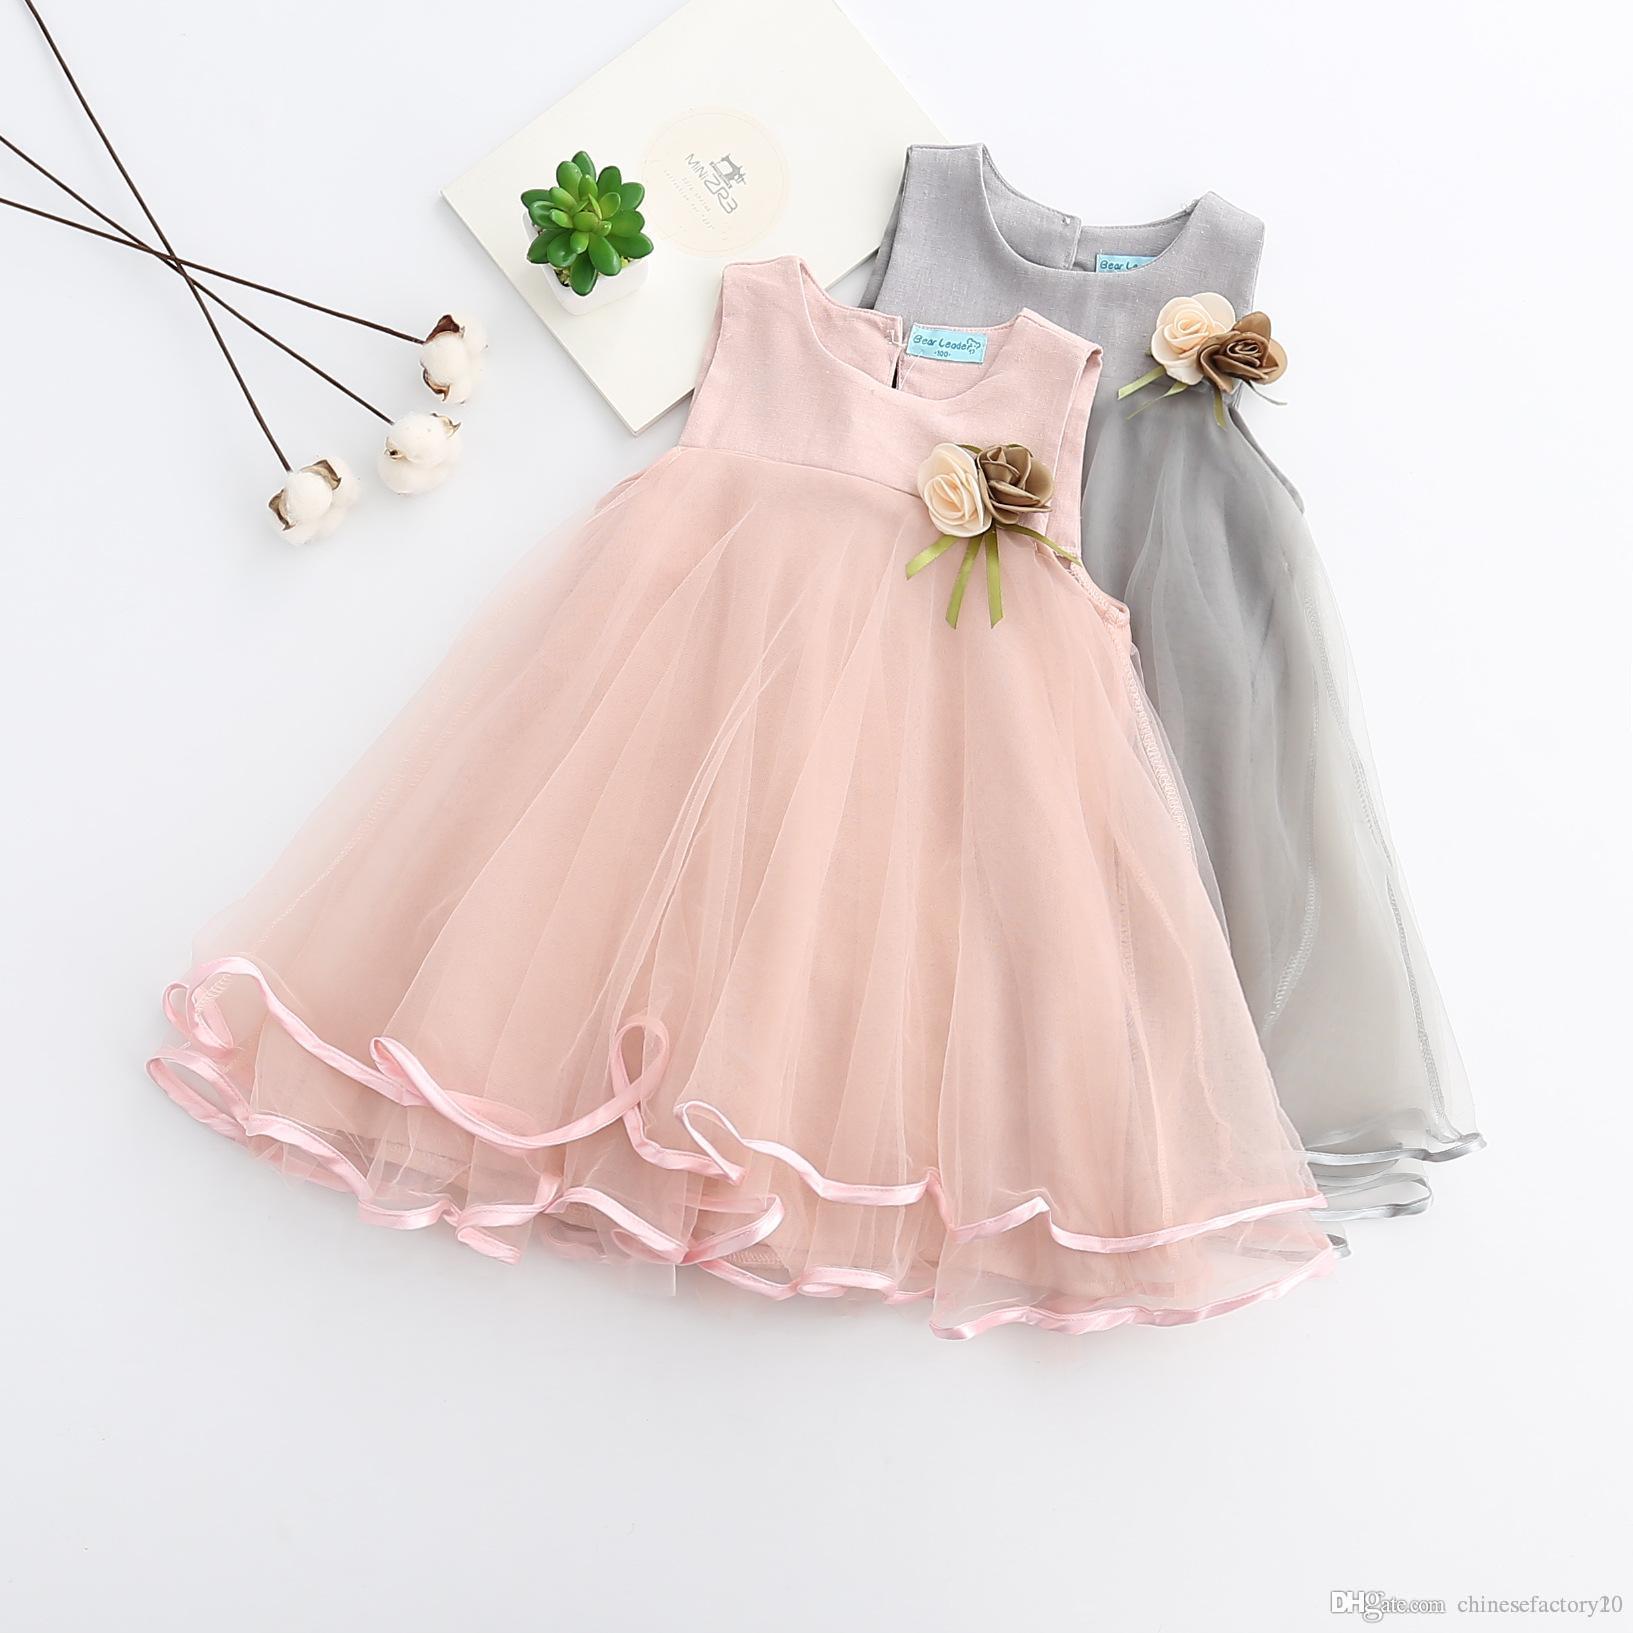 Ins in baby girls tutu платья с цветком Дети Новая летняя вечеринка элегантная сплошной цвет кружевной марлевой принцессы юбка 2 цвета